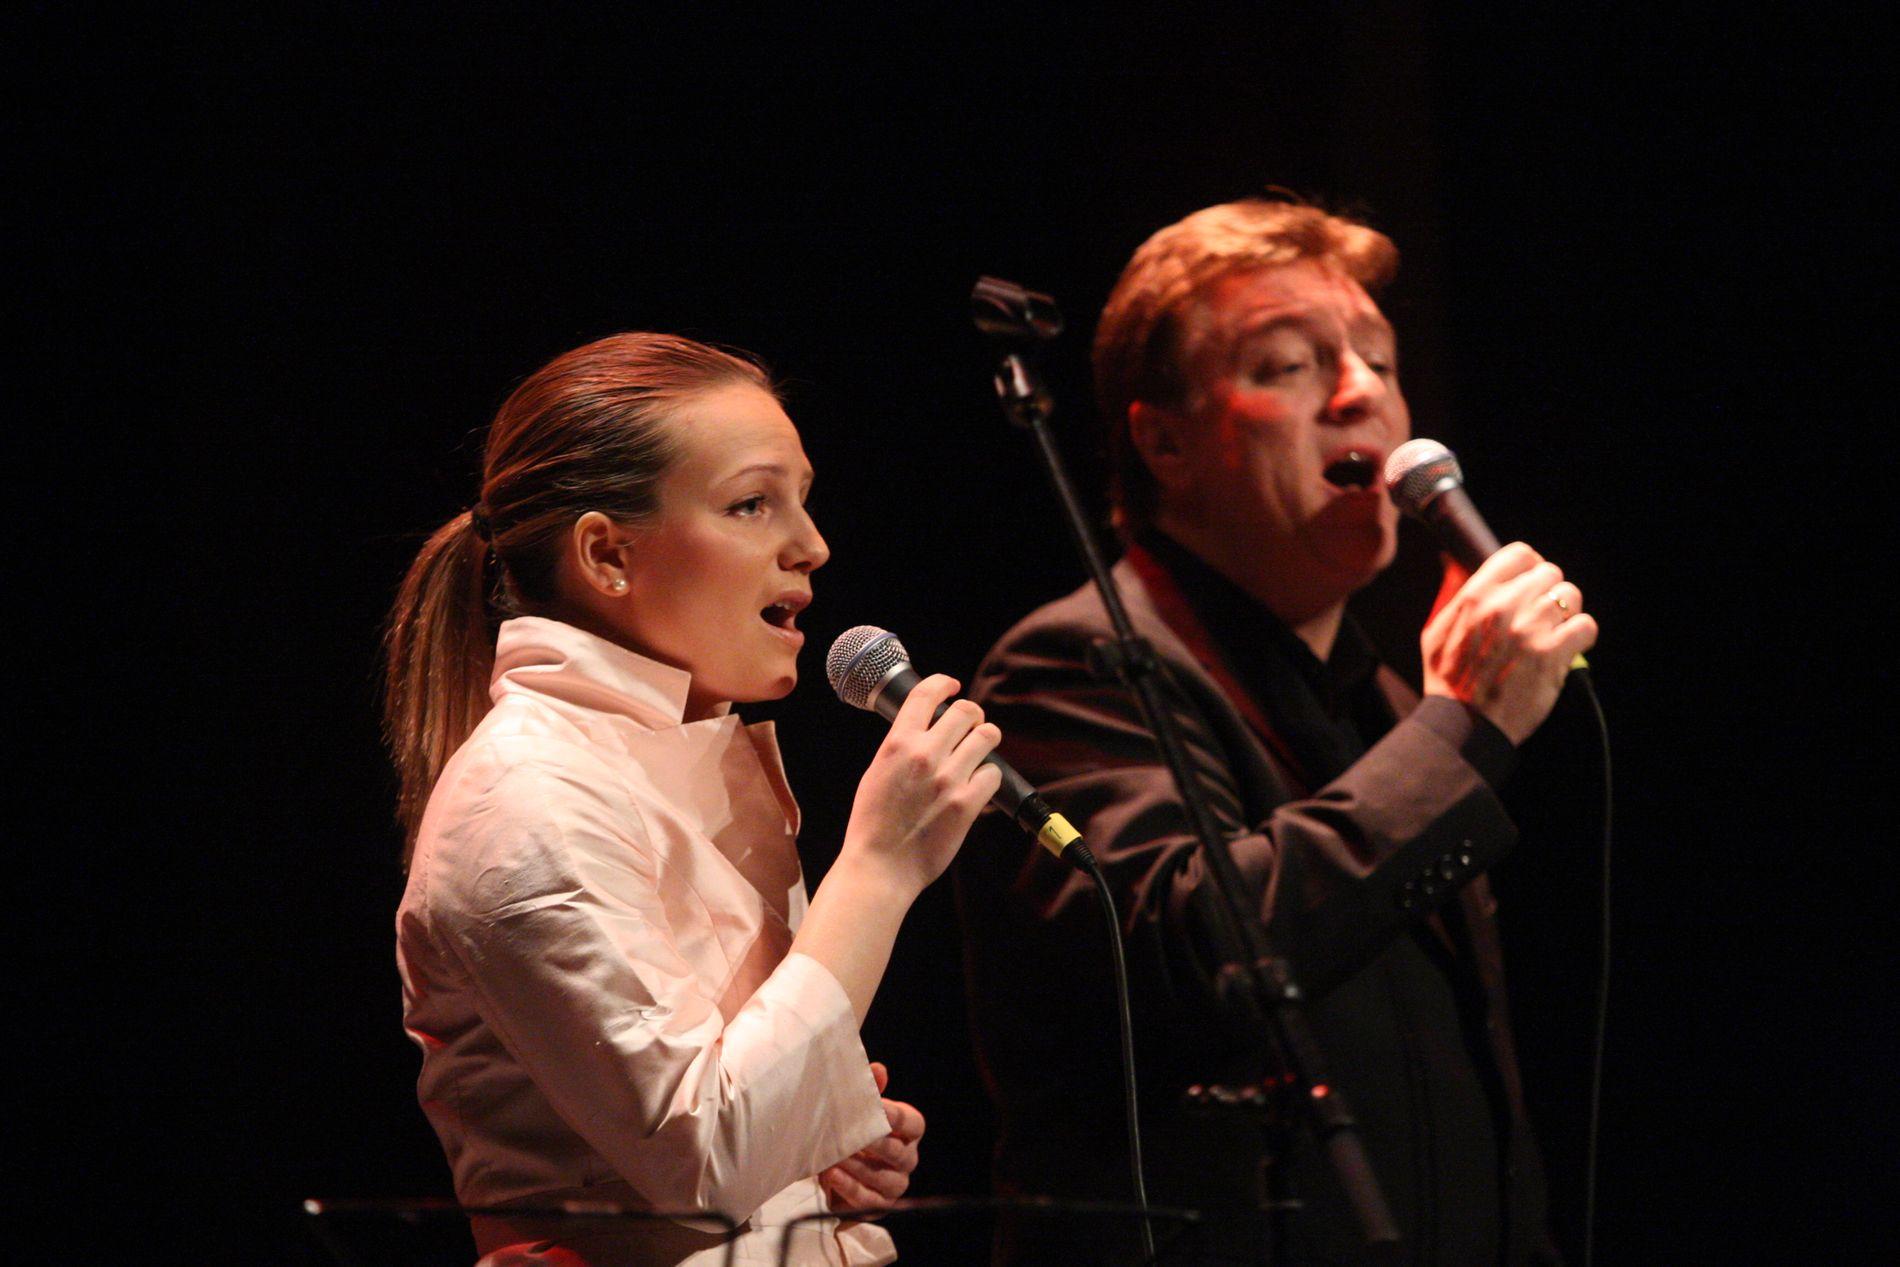 TO BLAD ENDRESEN: Anne Sophie Endresen synger på «The Voice» på TV 2 i kveld, mens far Tor Endresen synger i Melodi Grand Prix på lørdag. Dette bildet ble tatt på Kirkens bymisjons artistdugnad i 2009. ARKIVFOTO: ØRJAN DEISZ